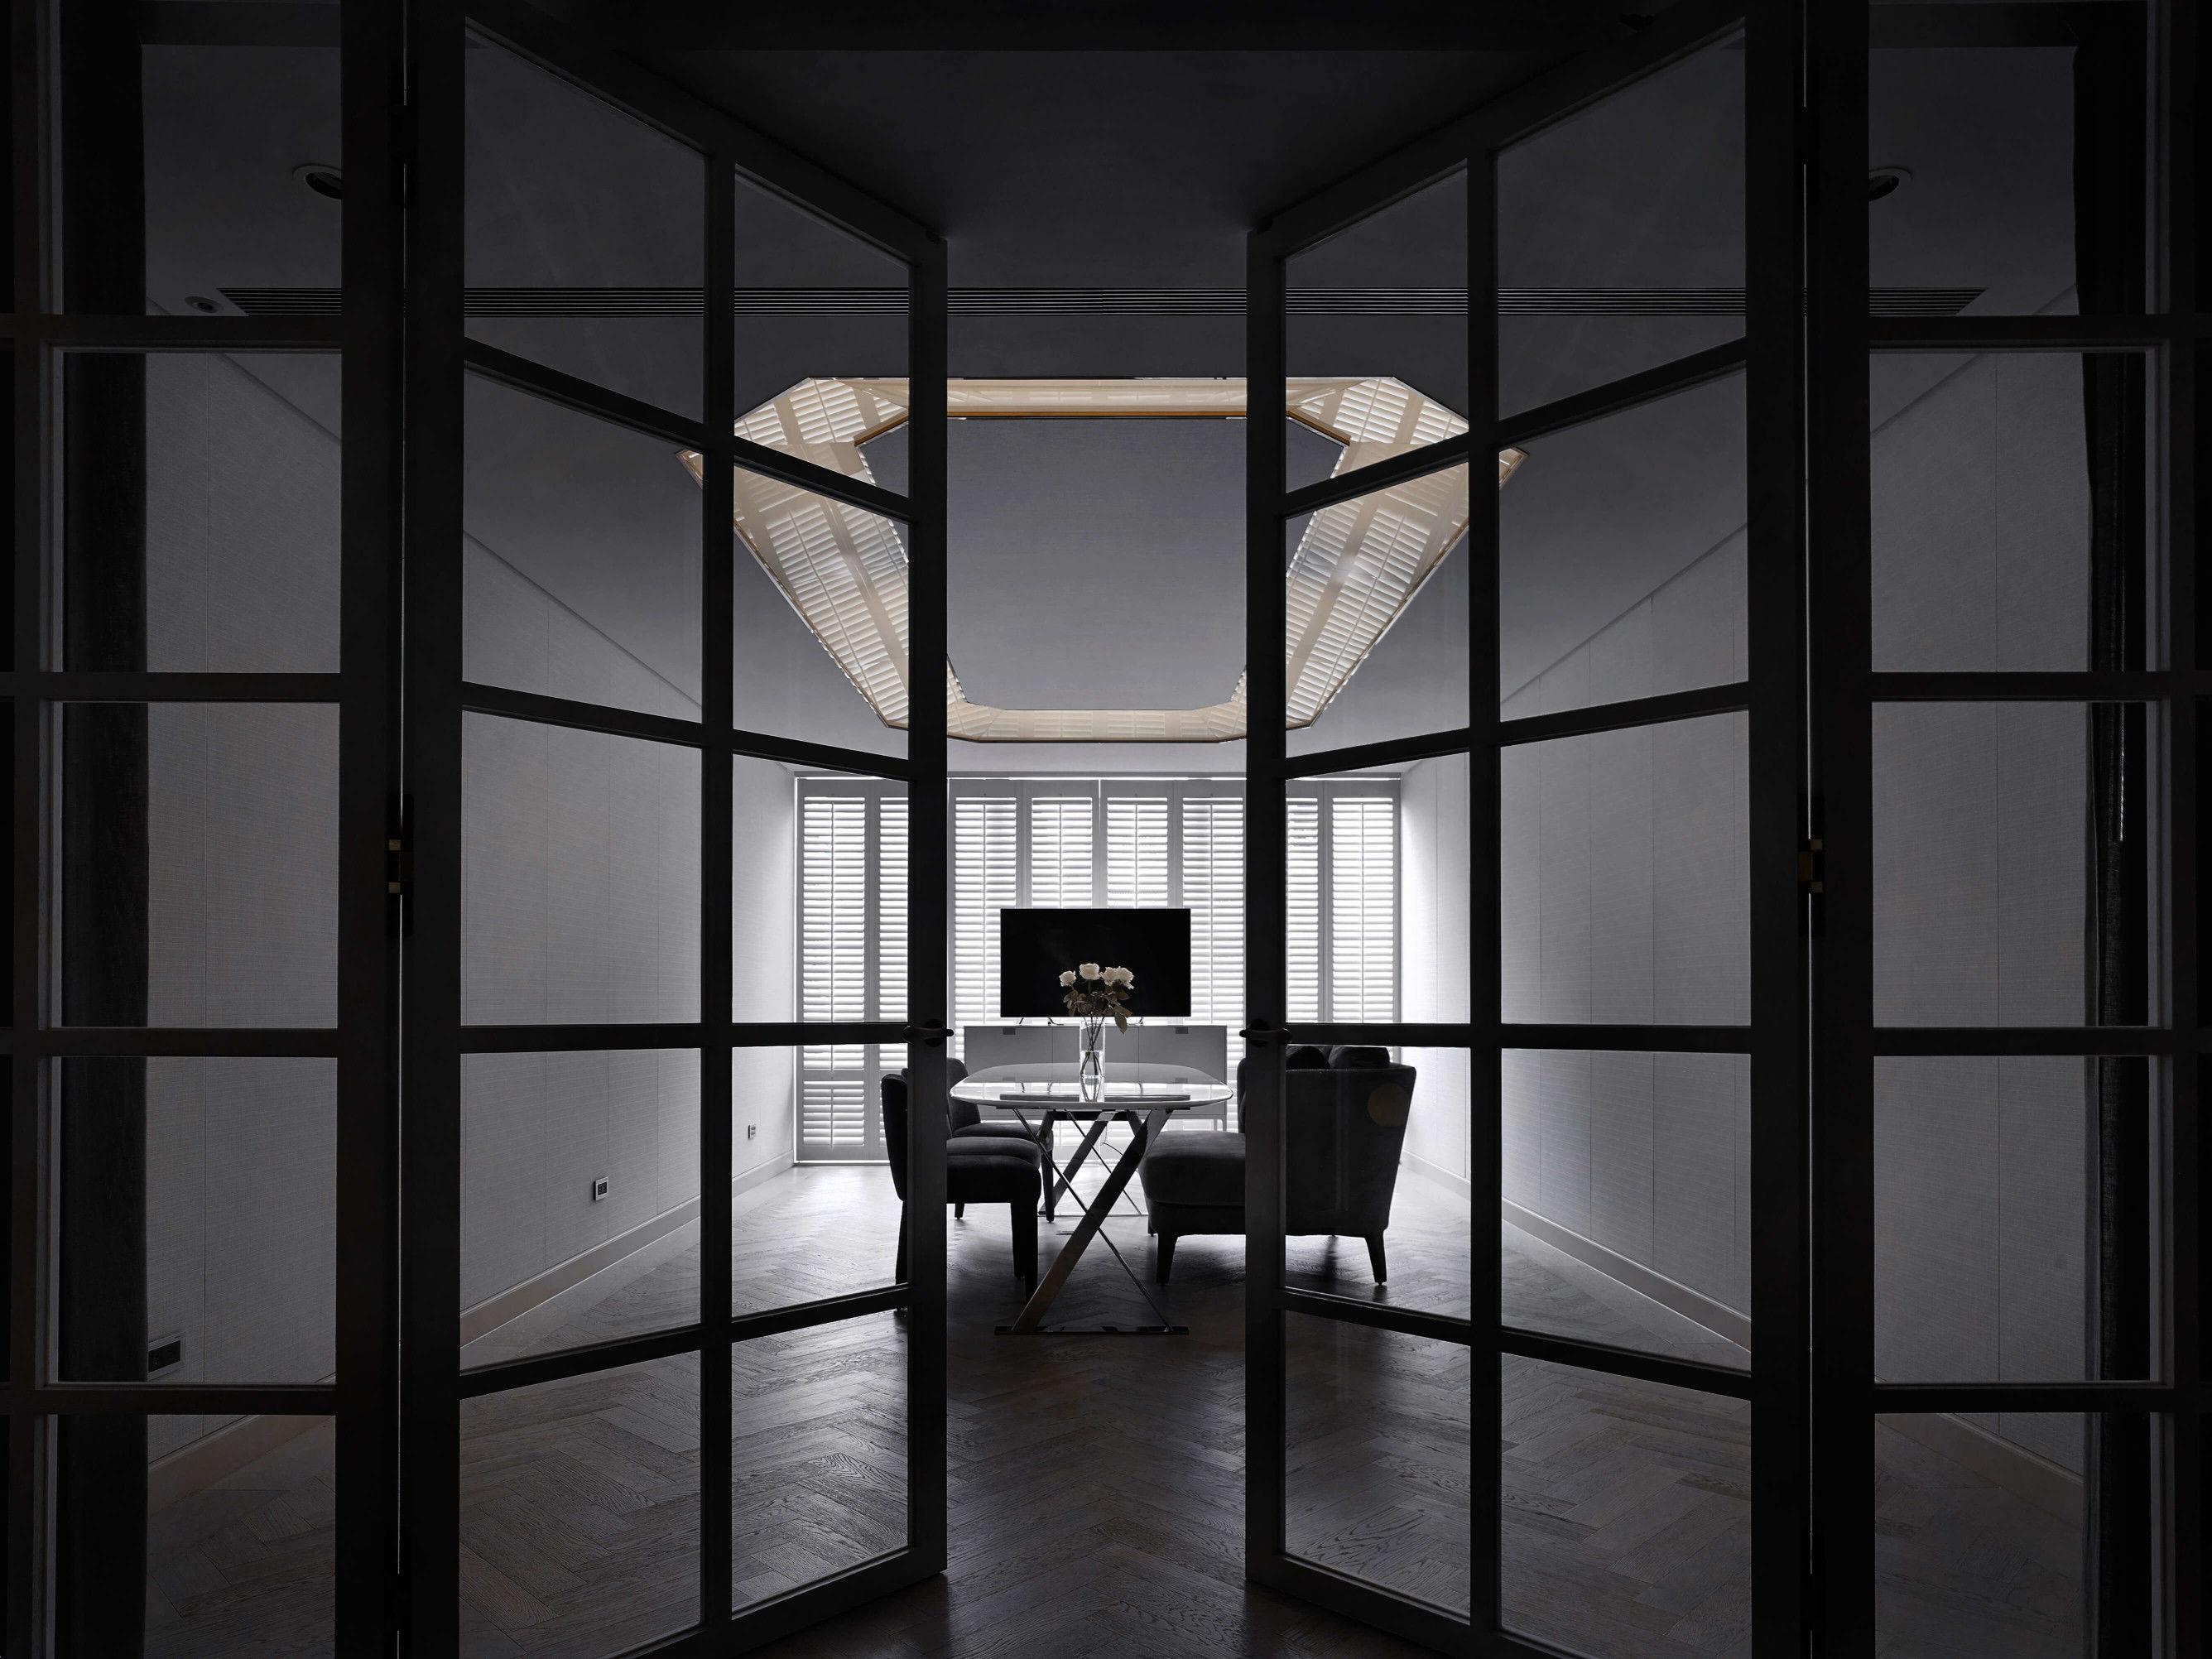 2016 台灣室內設計大獎 TID獎4-分子室內裝修設計